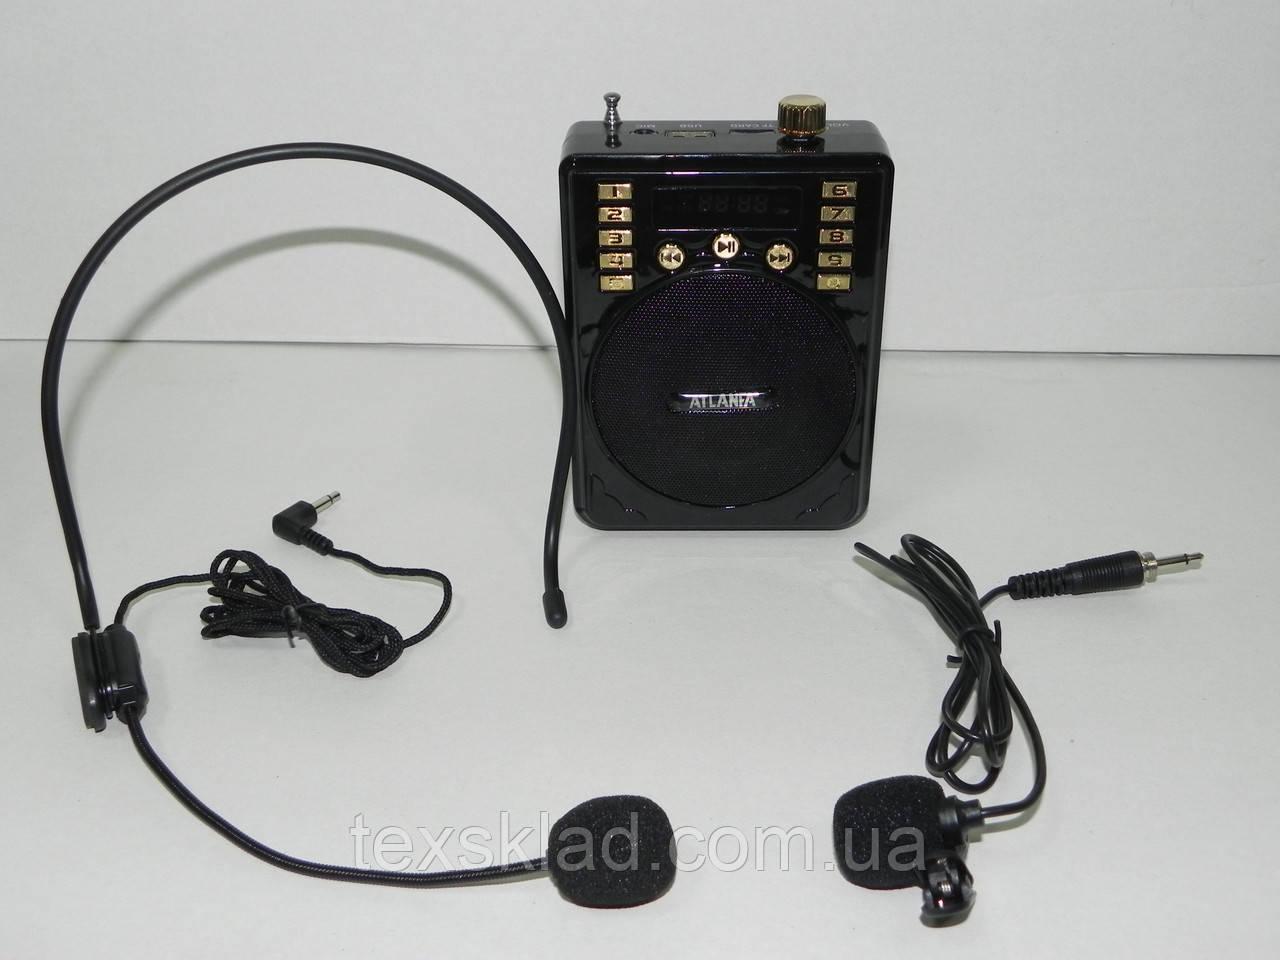 Усилитель голоса для экскурсовода с головным и петличным микрофоном Atlanfa-31